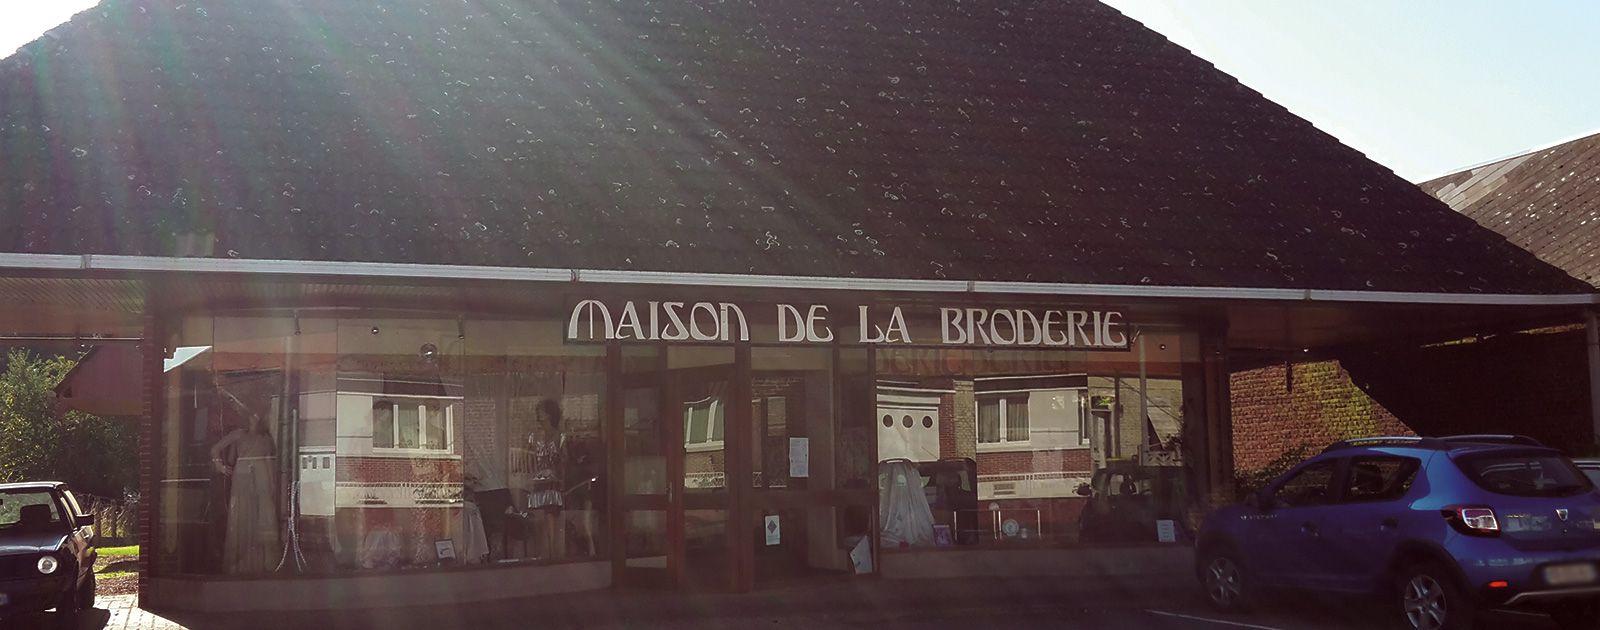 Commune de villers outr aux la maison de la broderie - La maison de la broderie ...